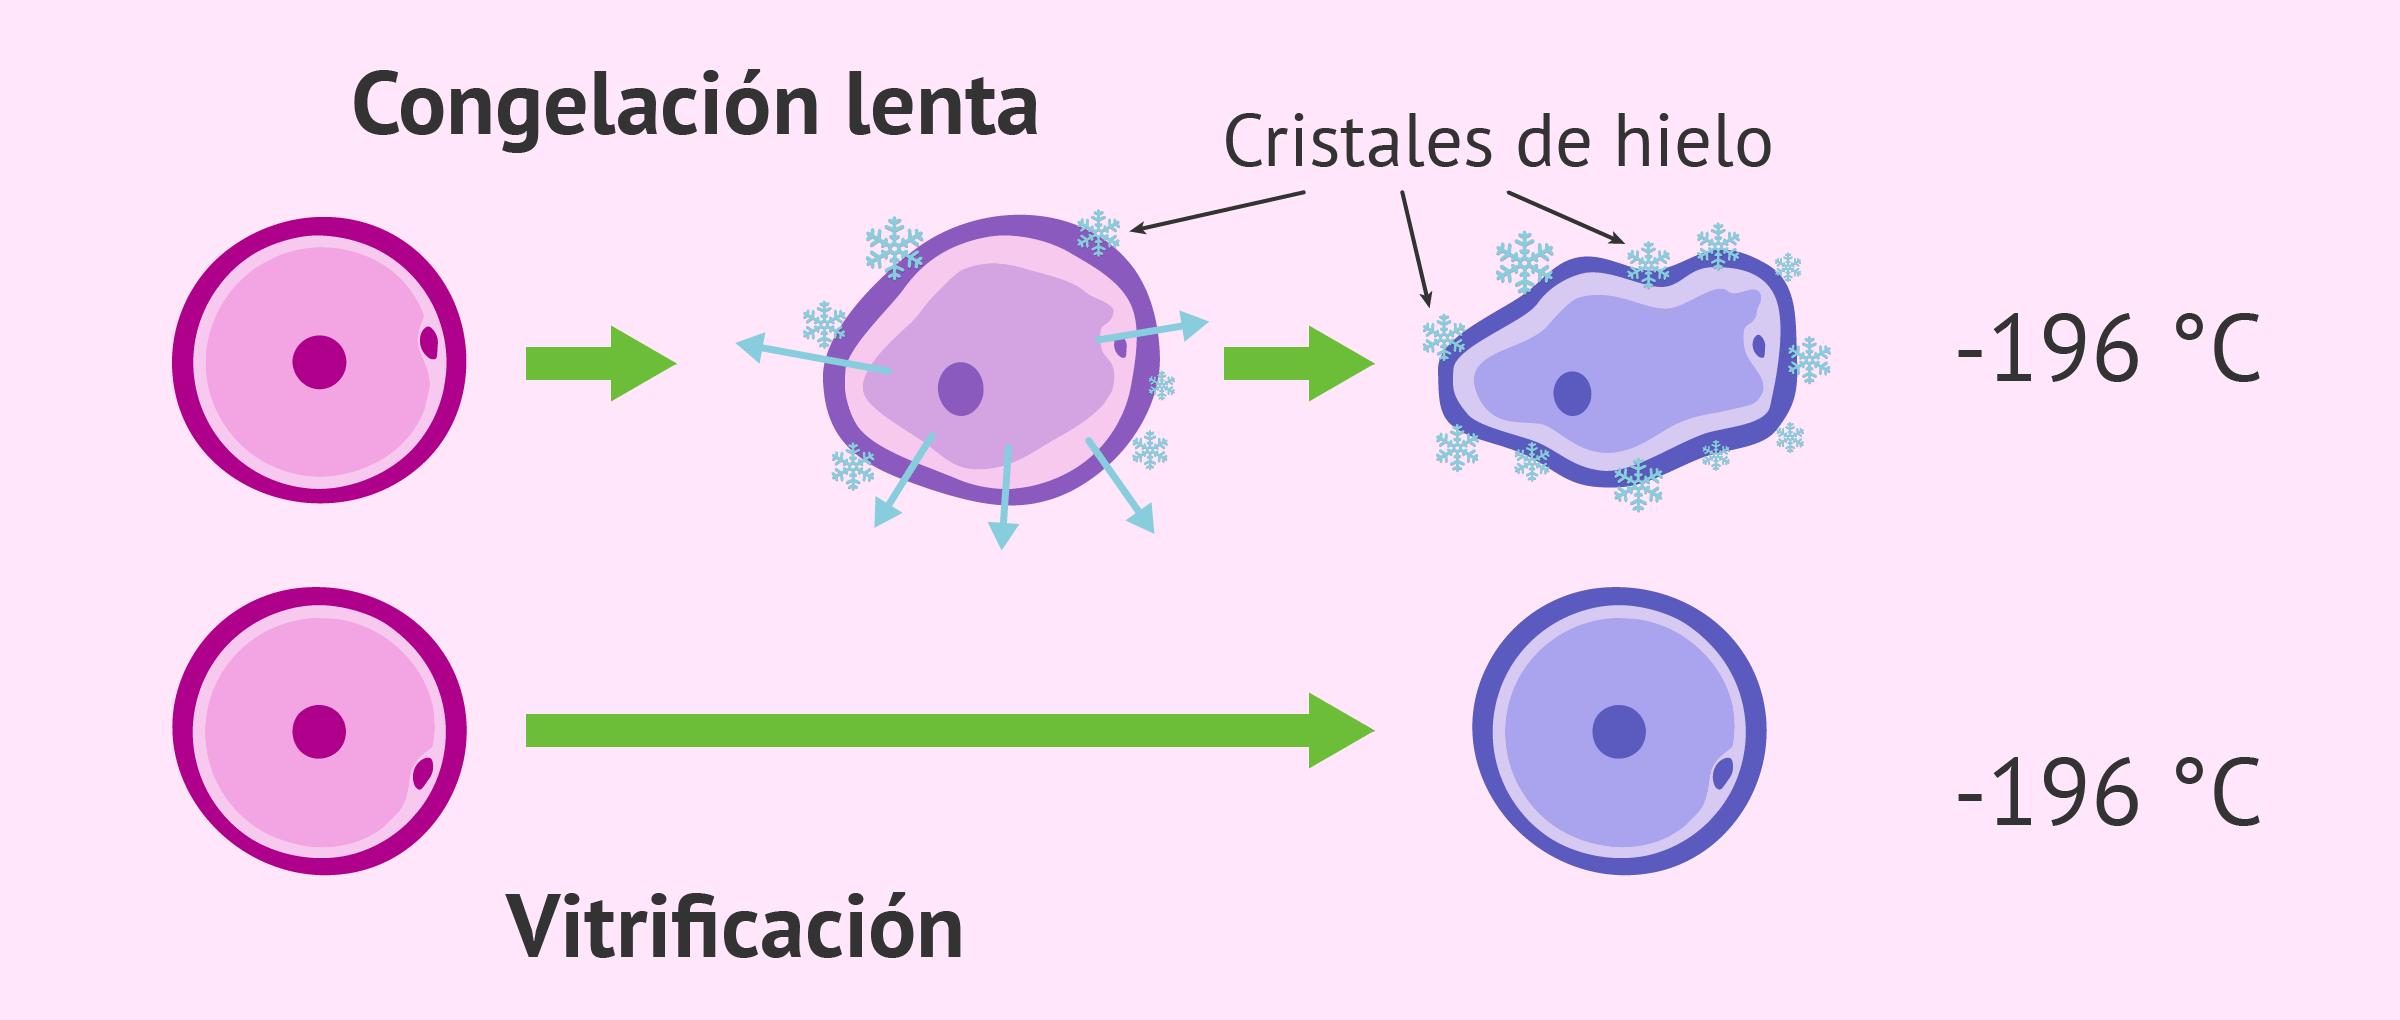 Ovodonación con óvulos congelados: ¿Influye en el porcentaje de éxito?